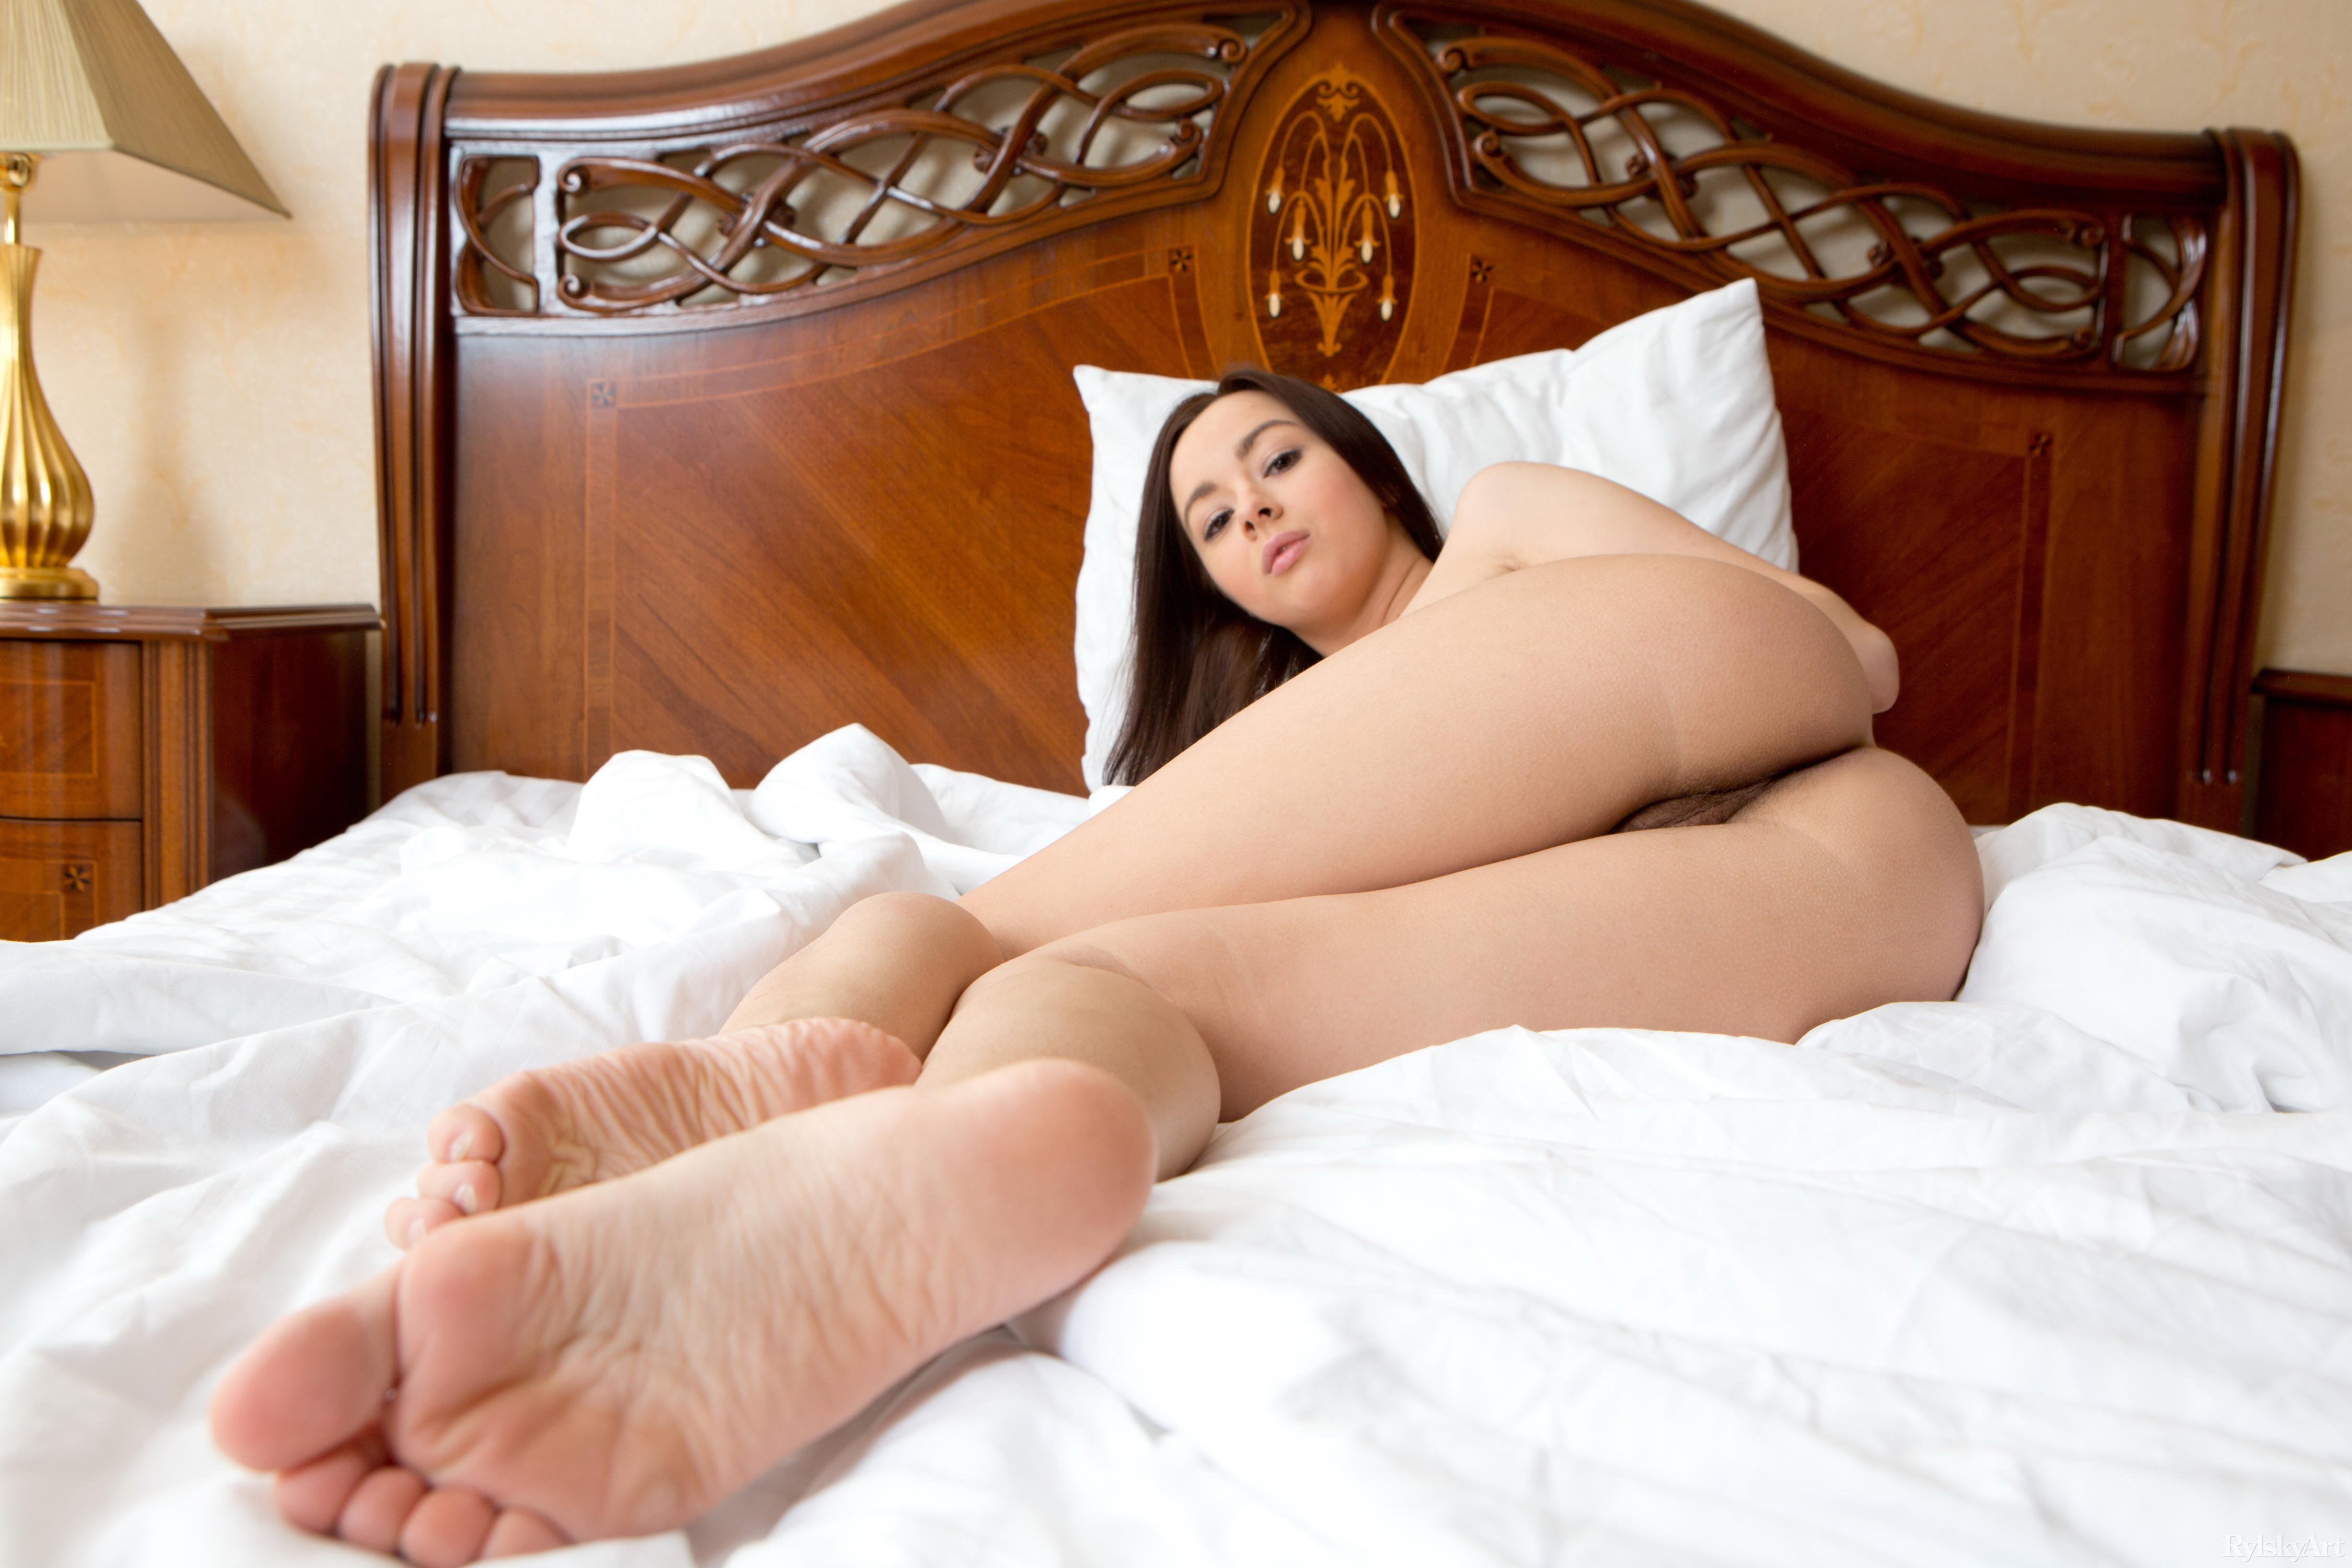 Wallpaper Shania, Brunette, Sexy Girl, Adult Model -2772